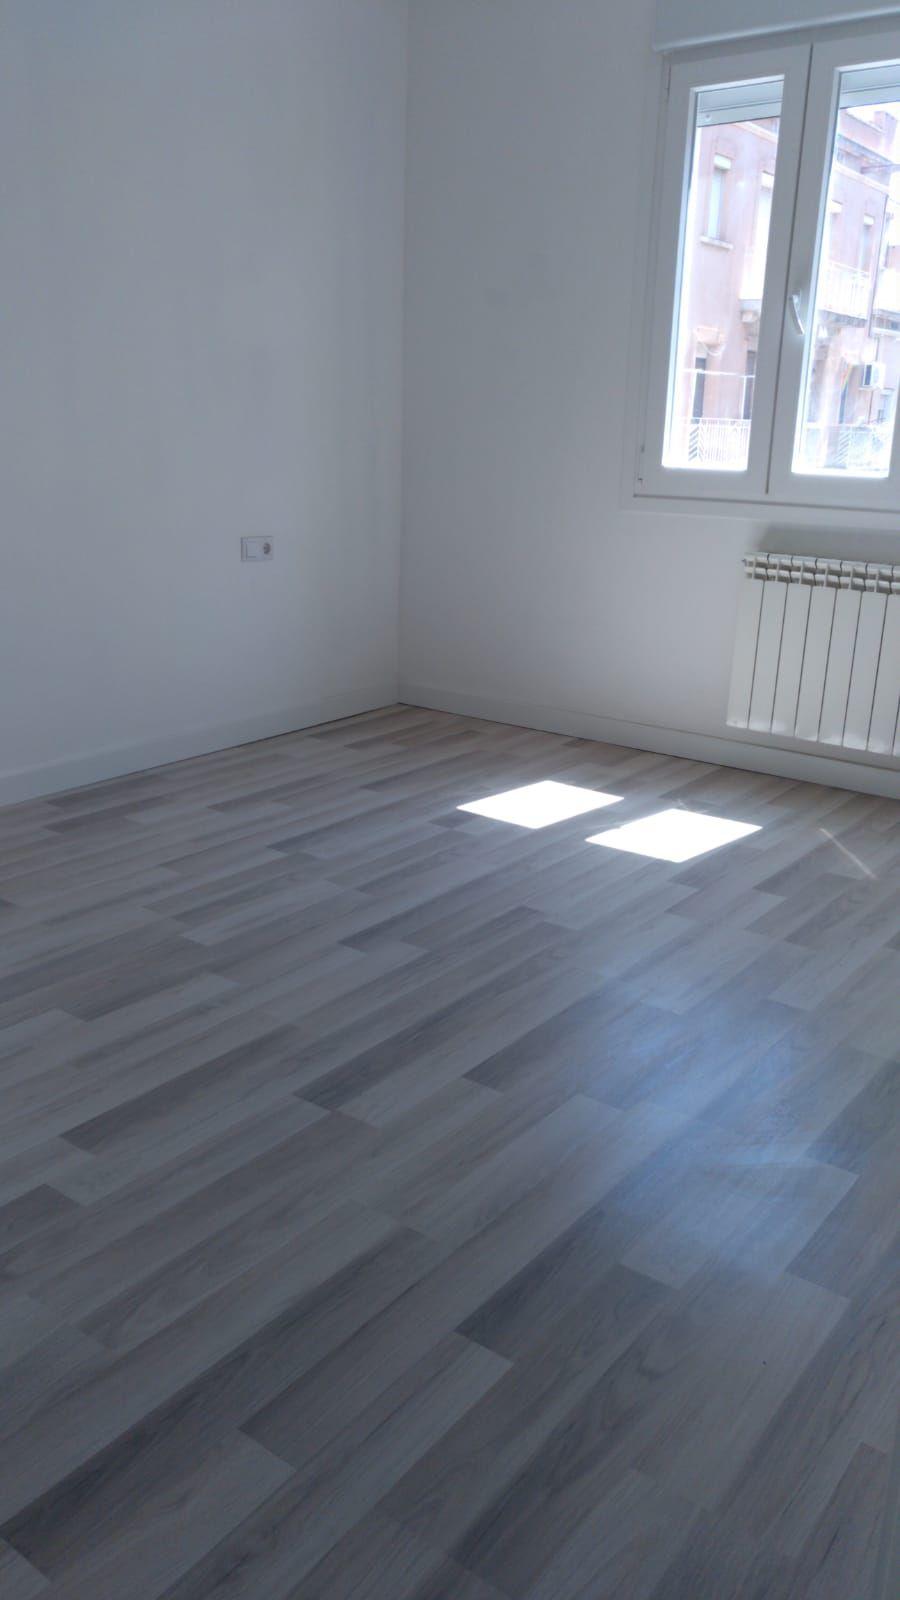 Piso en venta en Lleida, Lleida, Calle Camp de Mart, 145.000 €, 3 habitaciones, 2 baños, 95 m2